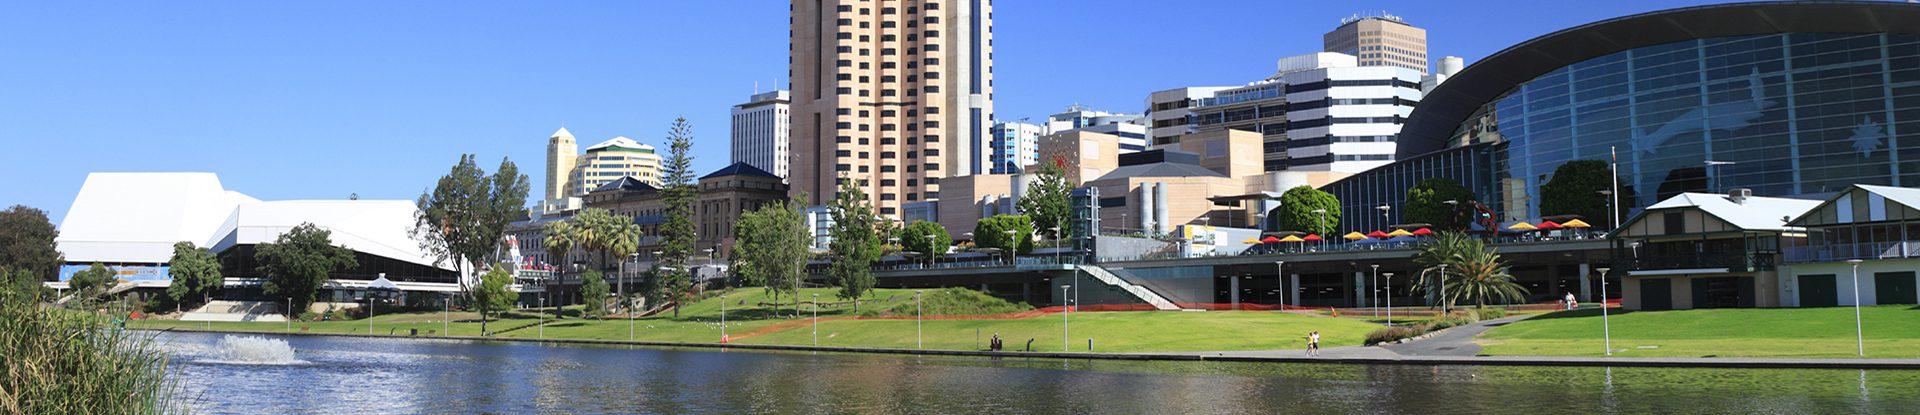 Adelaide banner 2